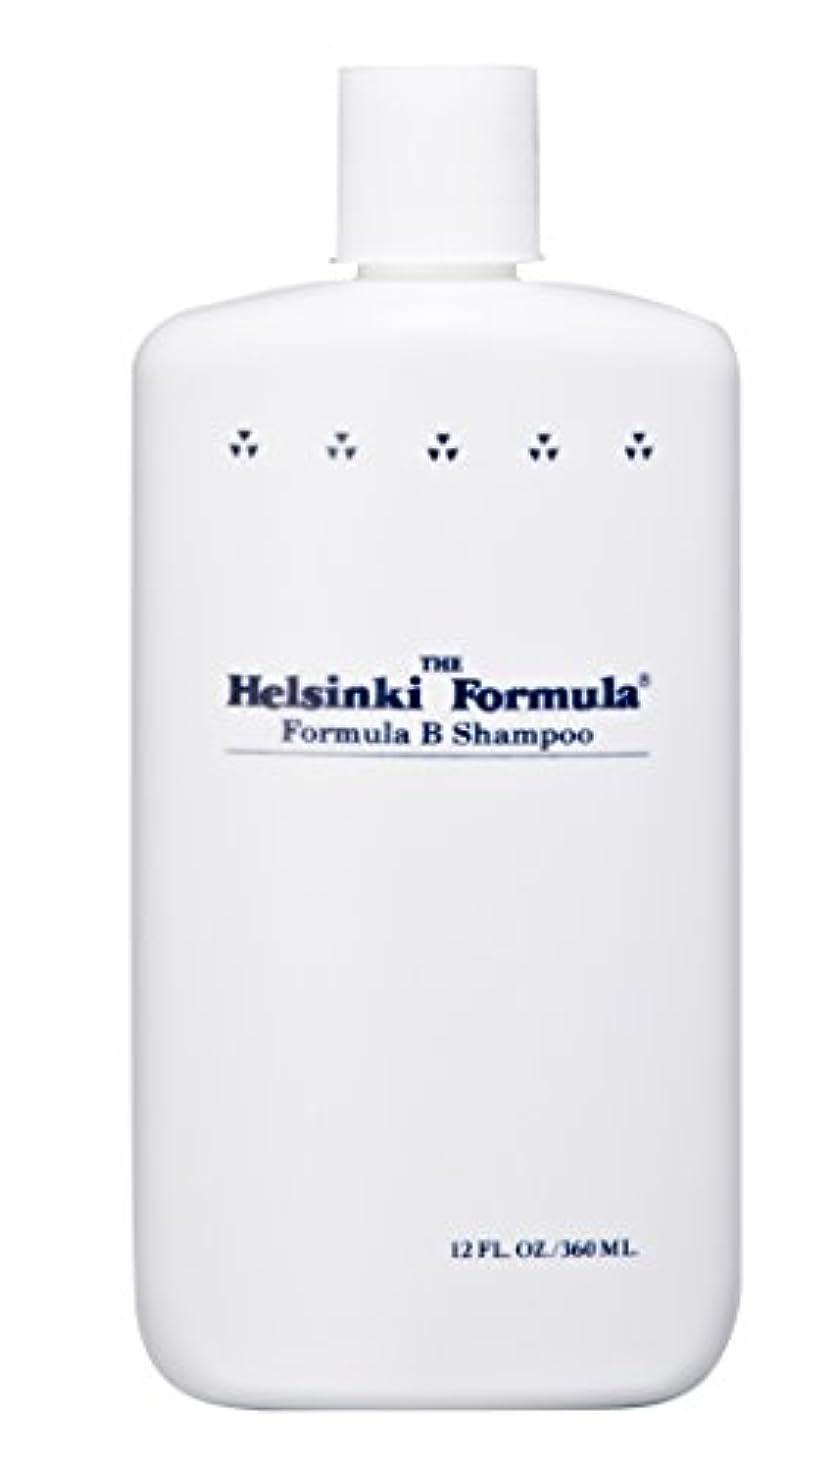 ペリスコープ標準どっちヘルシンキ?フォーミュラ フォーミュラBシャンプー 360ml(皮脂汚れ乳化剤配合シャンプー)